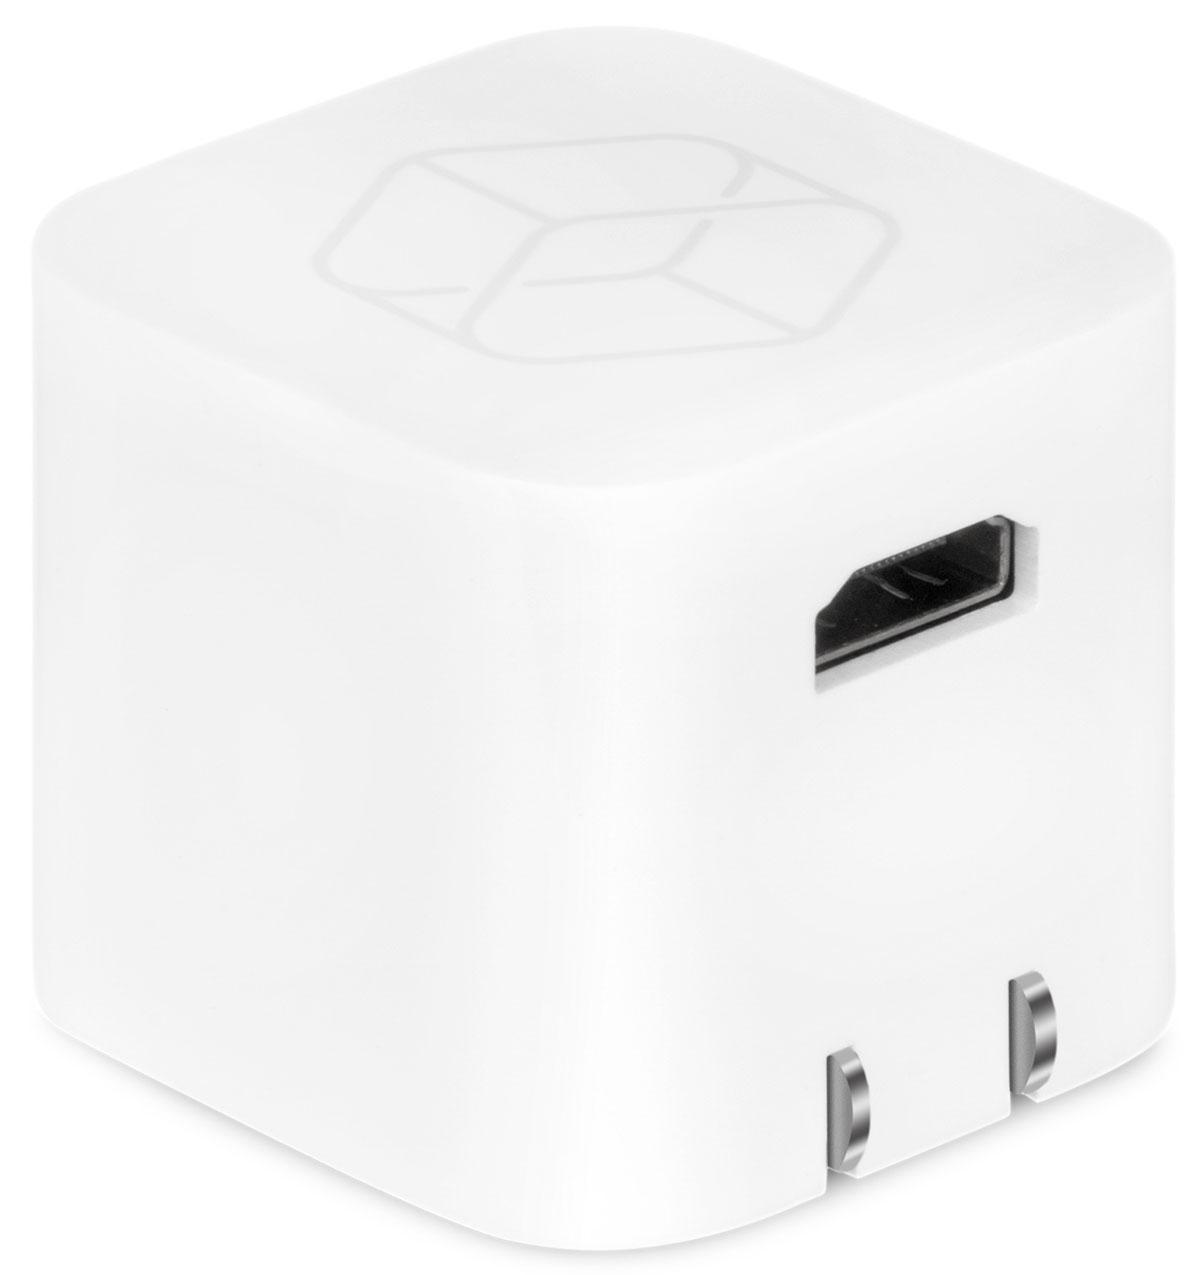 Rombica Cube A5 медиаплеерSBQ-CS805Rombica Cube A5 - медиацентр со встроенным Wi-Fi модулем, работающий под управлением операционной системы Android 4.4. В основе устройства - четырехъядерный процессор ARM Cortex с частотой 1.5 ГГц с графическим ядром ARM Mali-450 MP.Плеер оснащен разъемом USB с поддержкой USB Flash носителей и жестких дисков до 2 ТБ включительно. Он полностью поддерживает воспроизведение подавляющего большинства мультимедийных файлов. Rombica Cube A5 - идеальный спутник в мире развлечений!Встроенные Интернет-сервисы и клиенты для всех популярных соцсетейОнлайн-кинотеатры IVI, MEGOGO, TVZavr, Youtube и другиеПоддержка облачных сервисов: Dropbox, Google Drive, SkyDrive, Yandex Disk и других Установка приложений из Google Play Store или APK приложений для Android